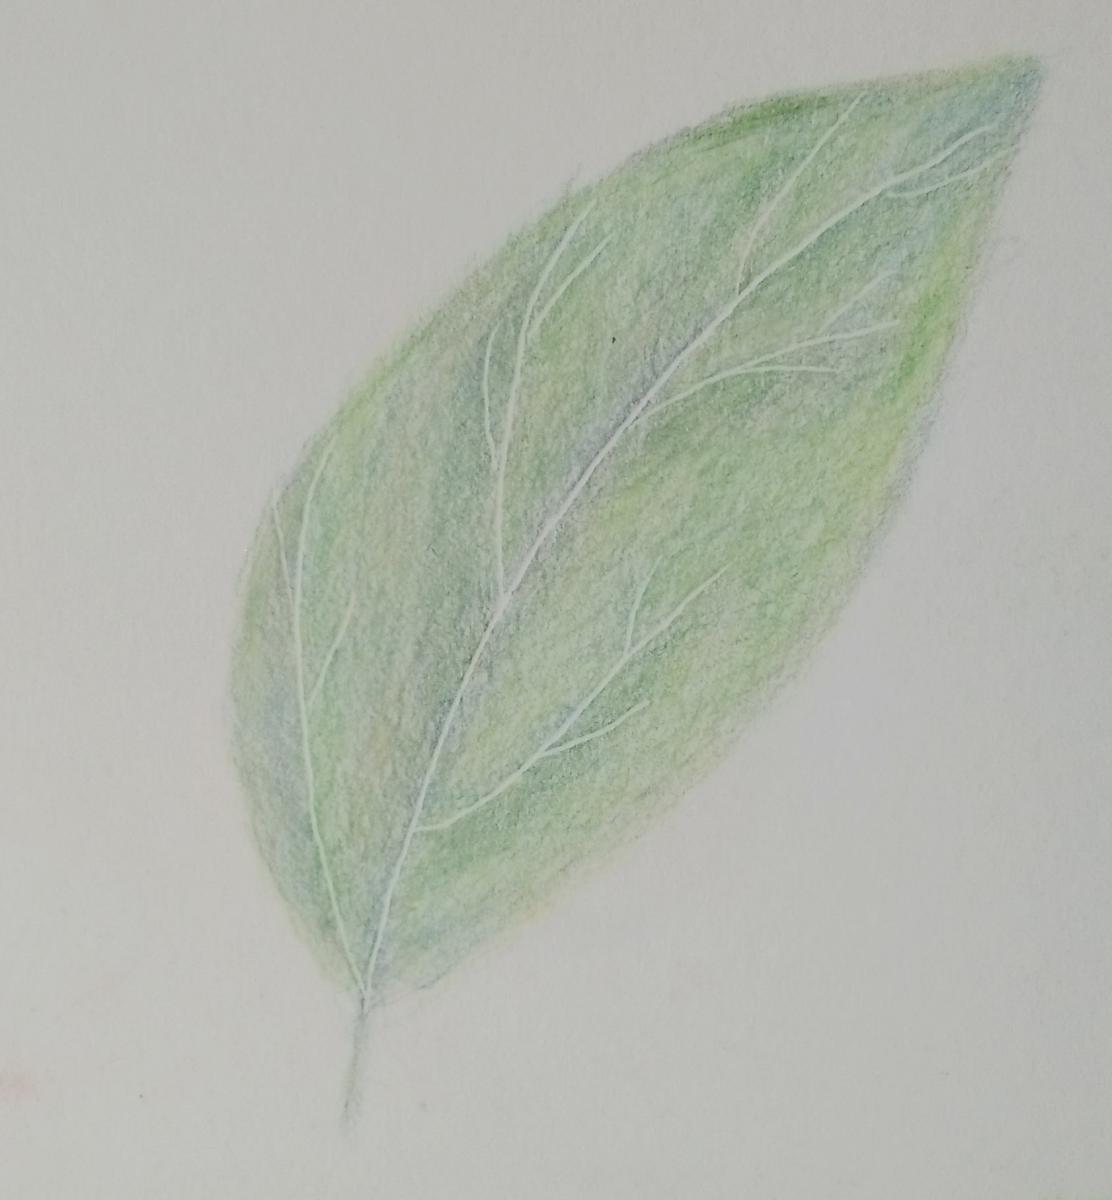 100- First Green Leaf